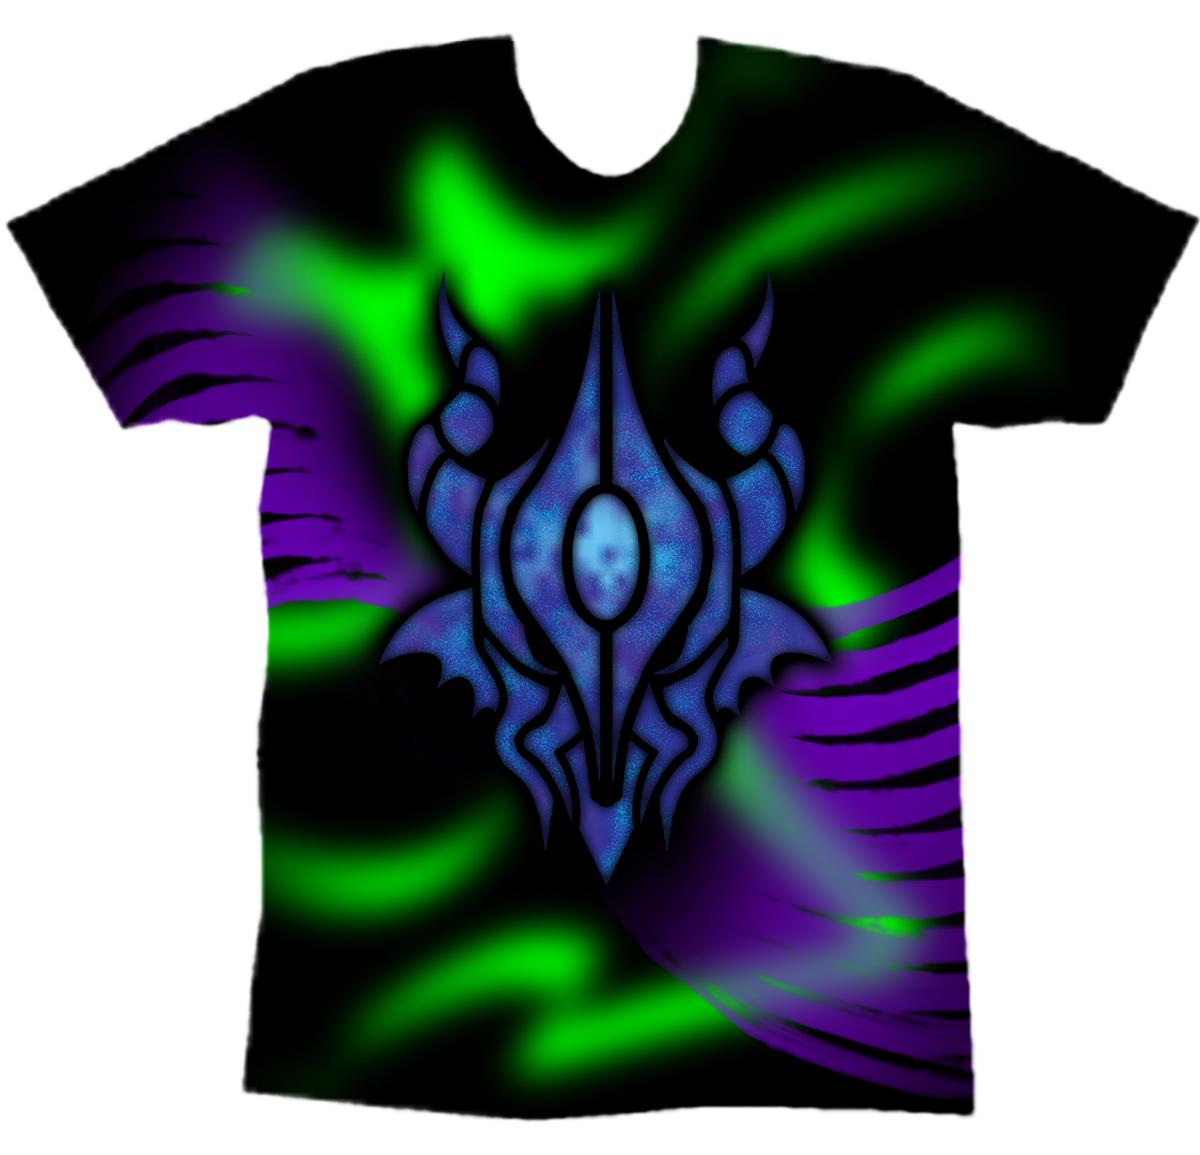 Dragon Logo T Shirt Design By Chameleon Veil On Deviantart